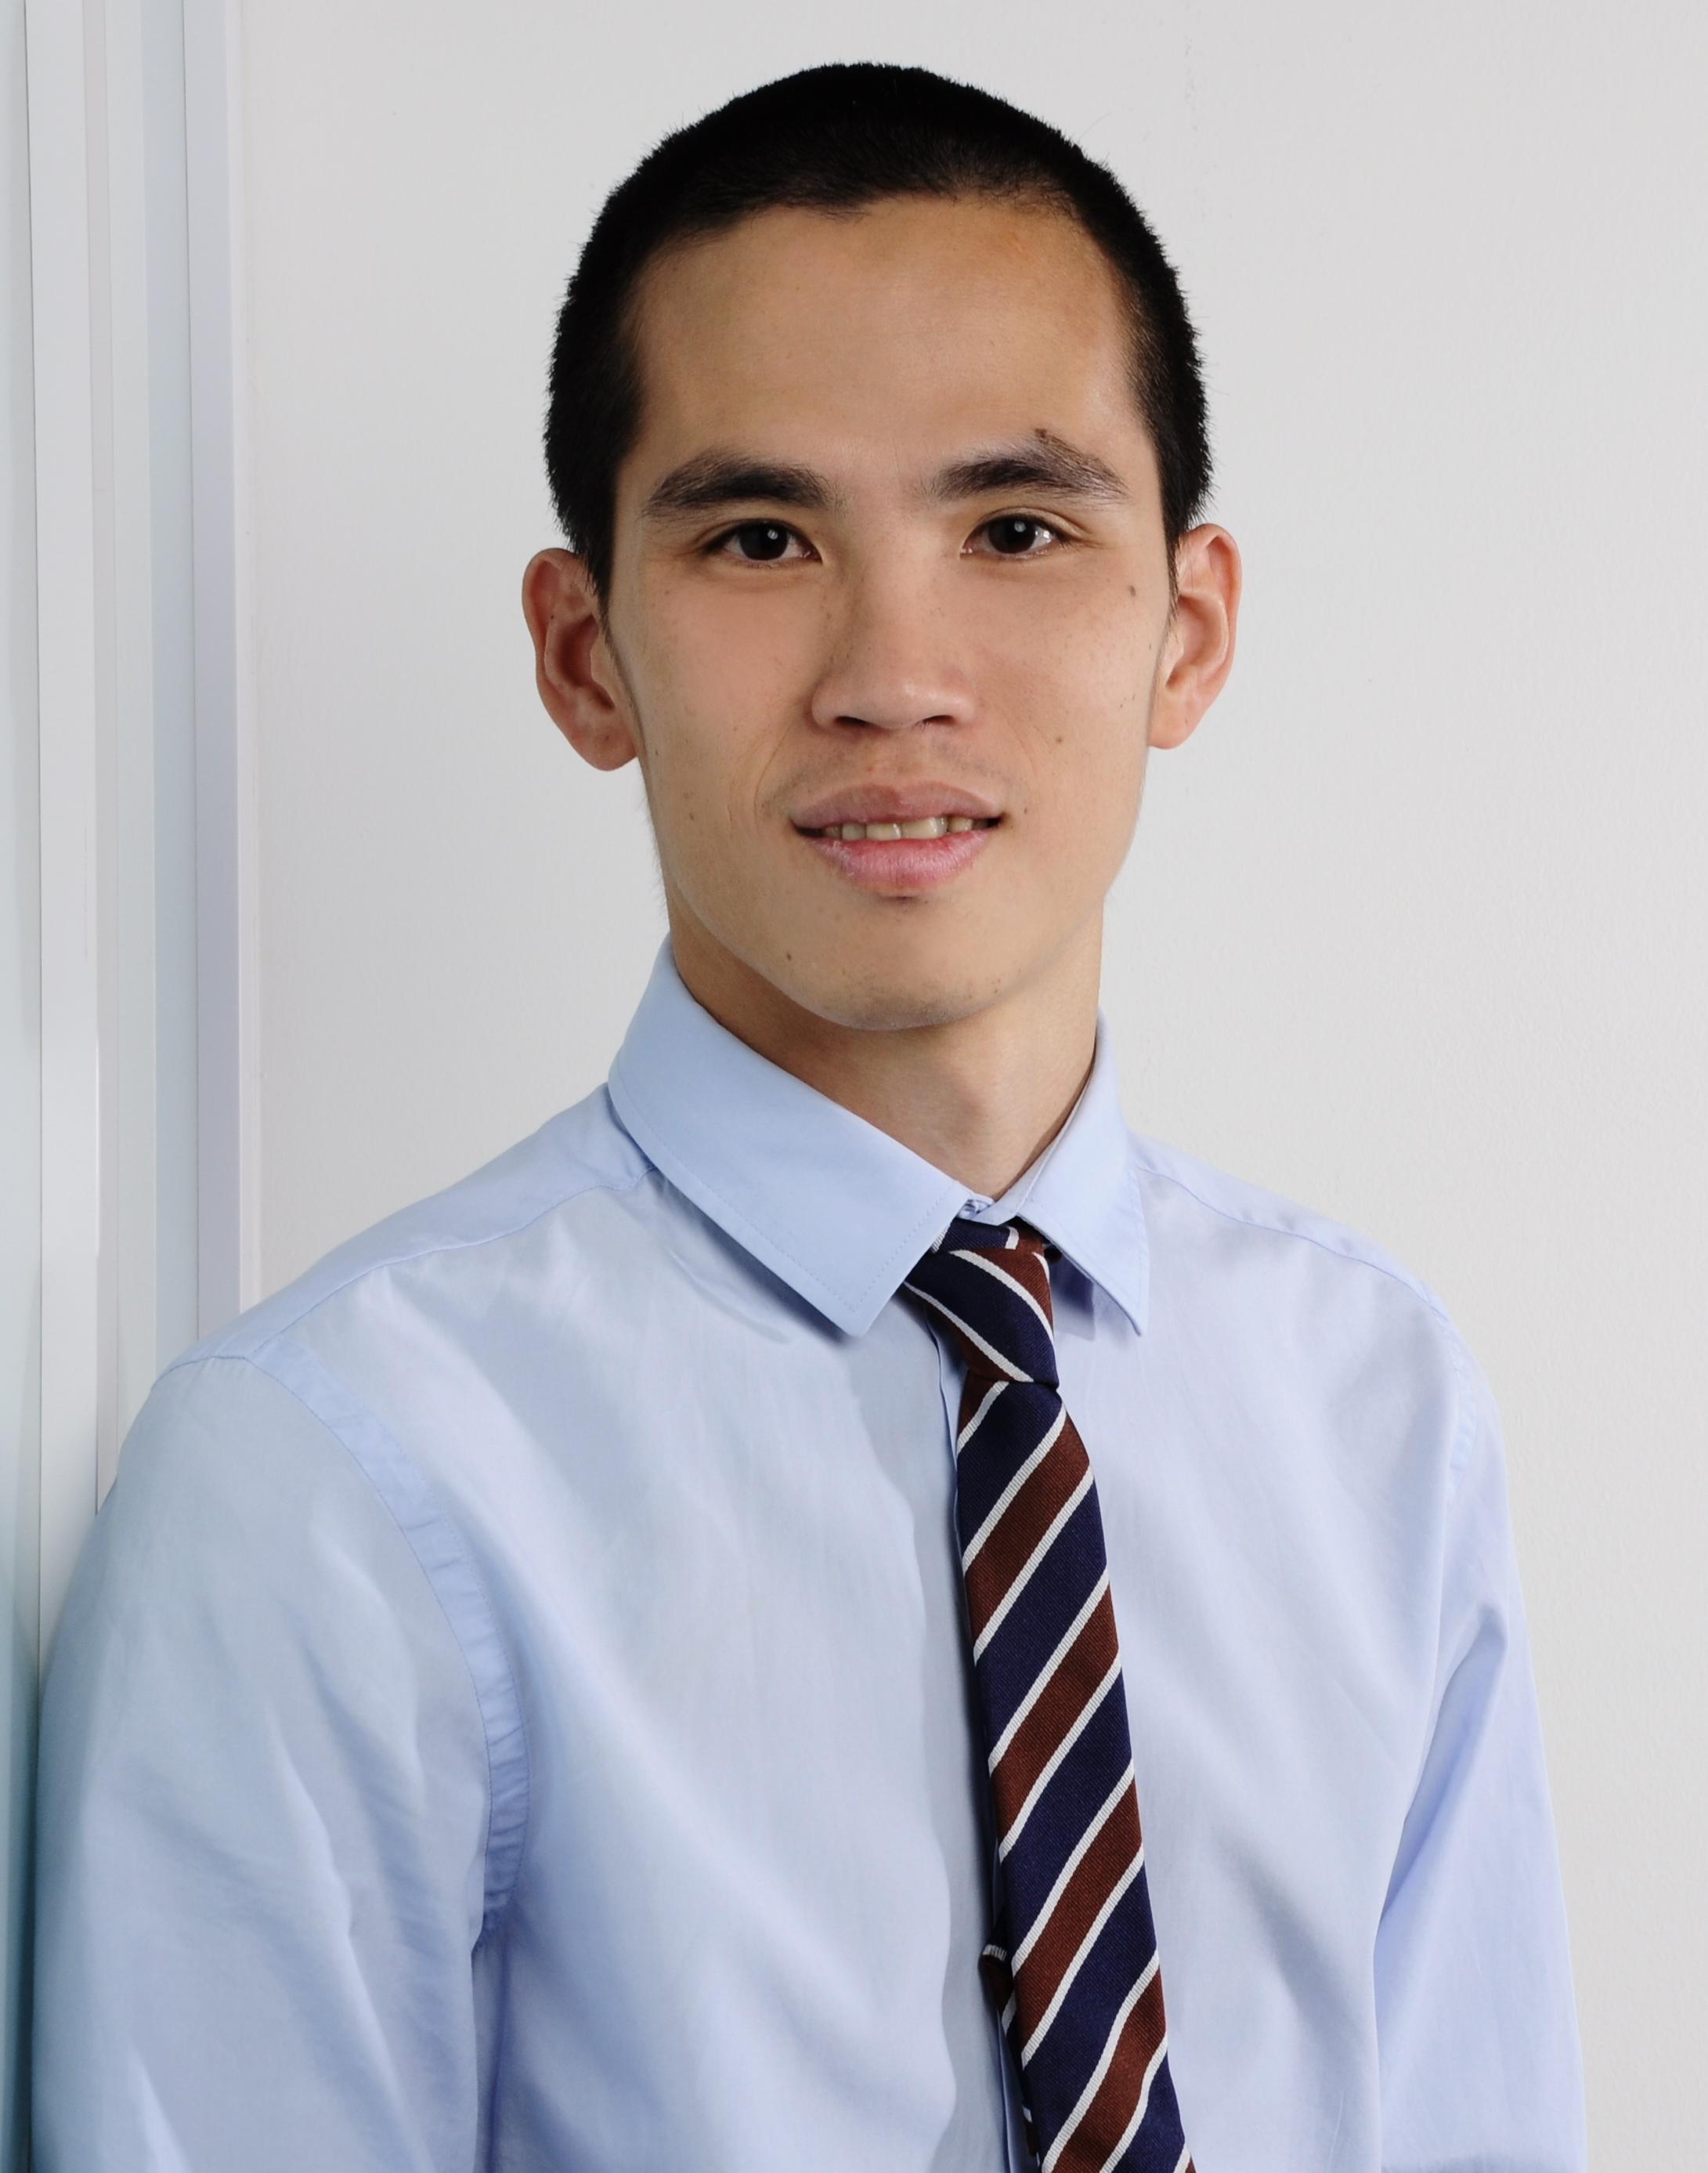 Ông Lê Hữu Hà - người sáng lập Medigo.